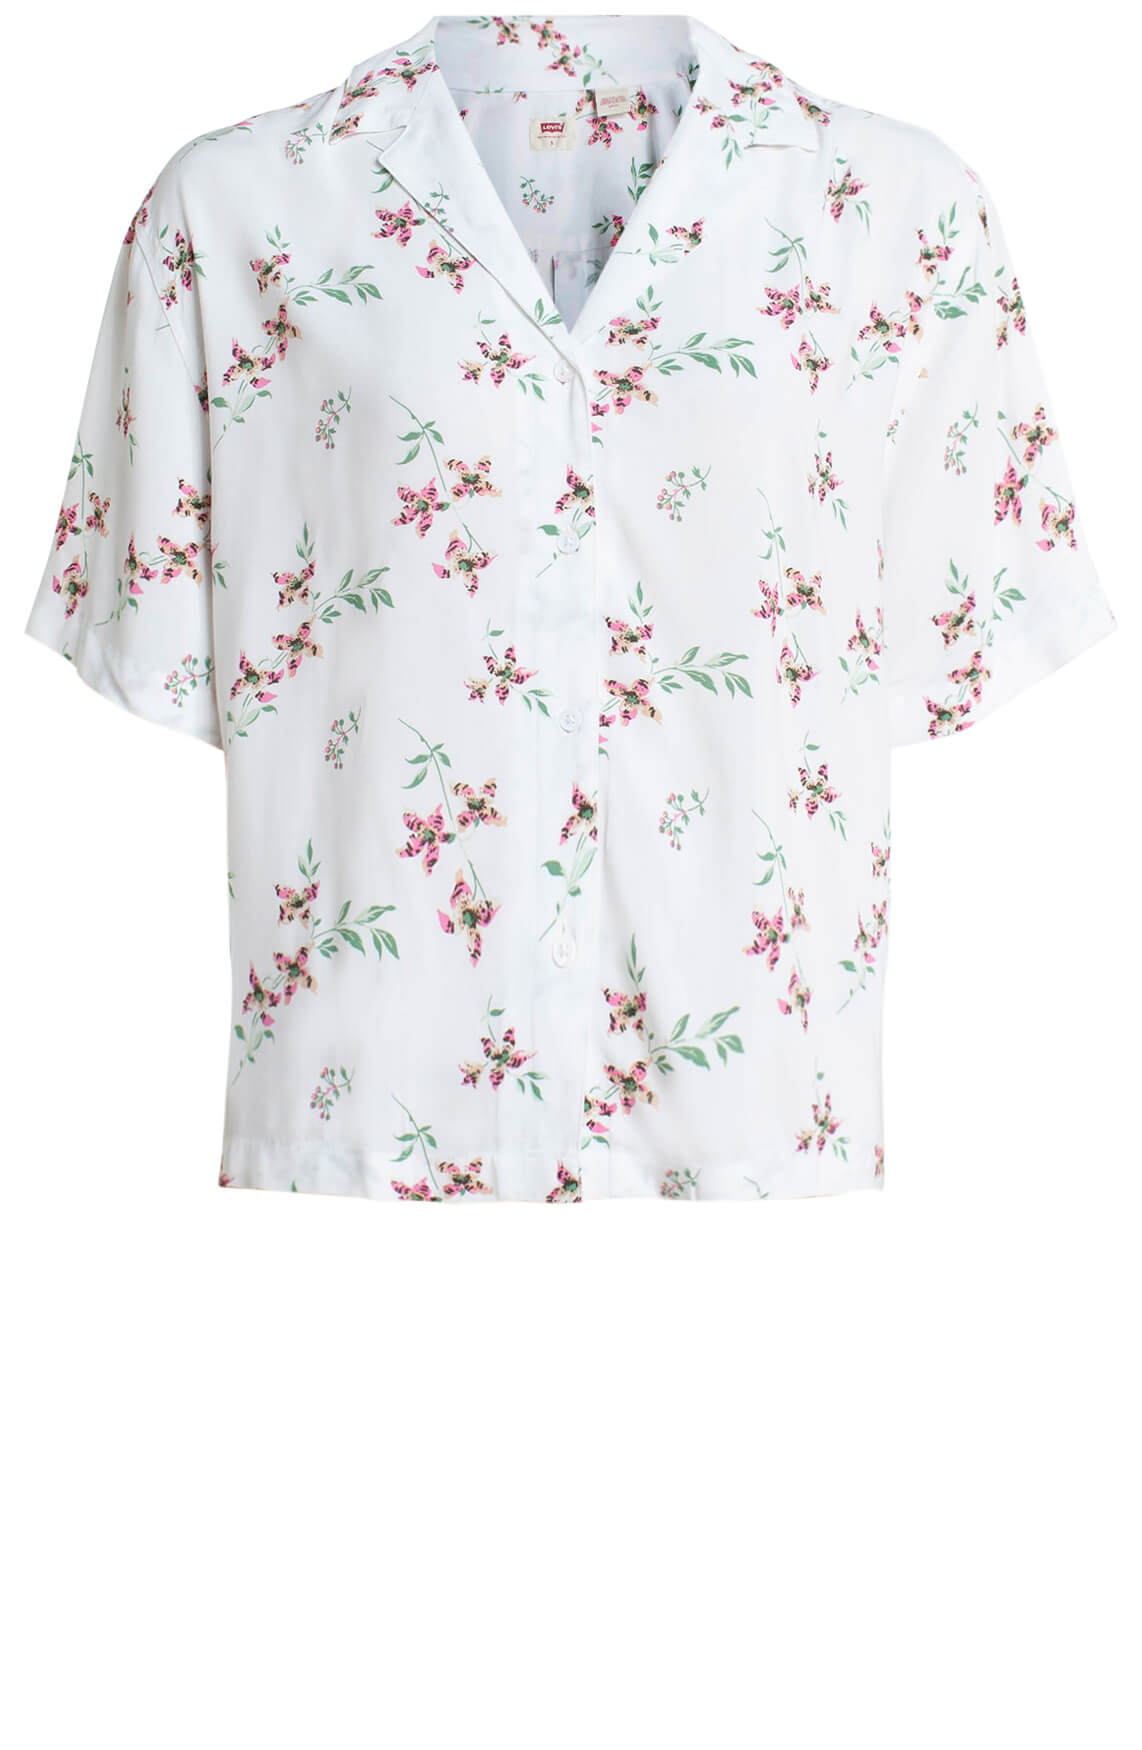 Levi s Dames Bloemen blouse wit